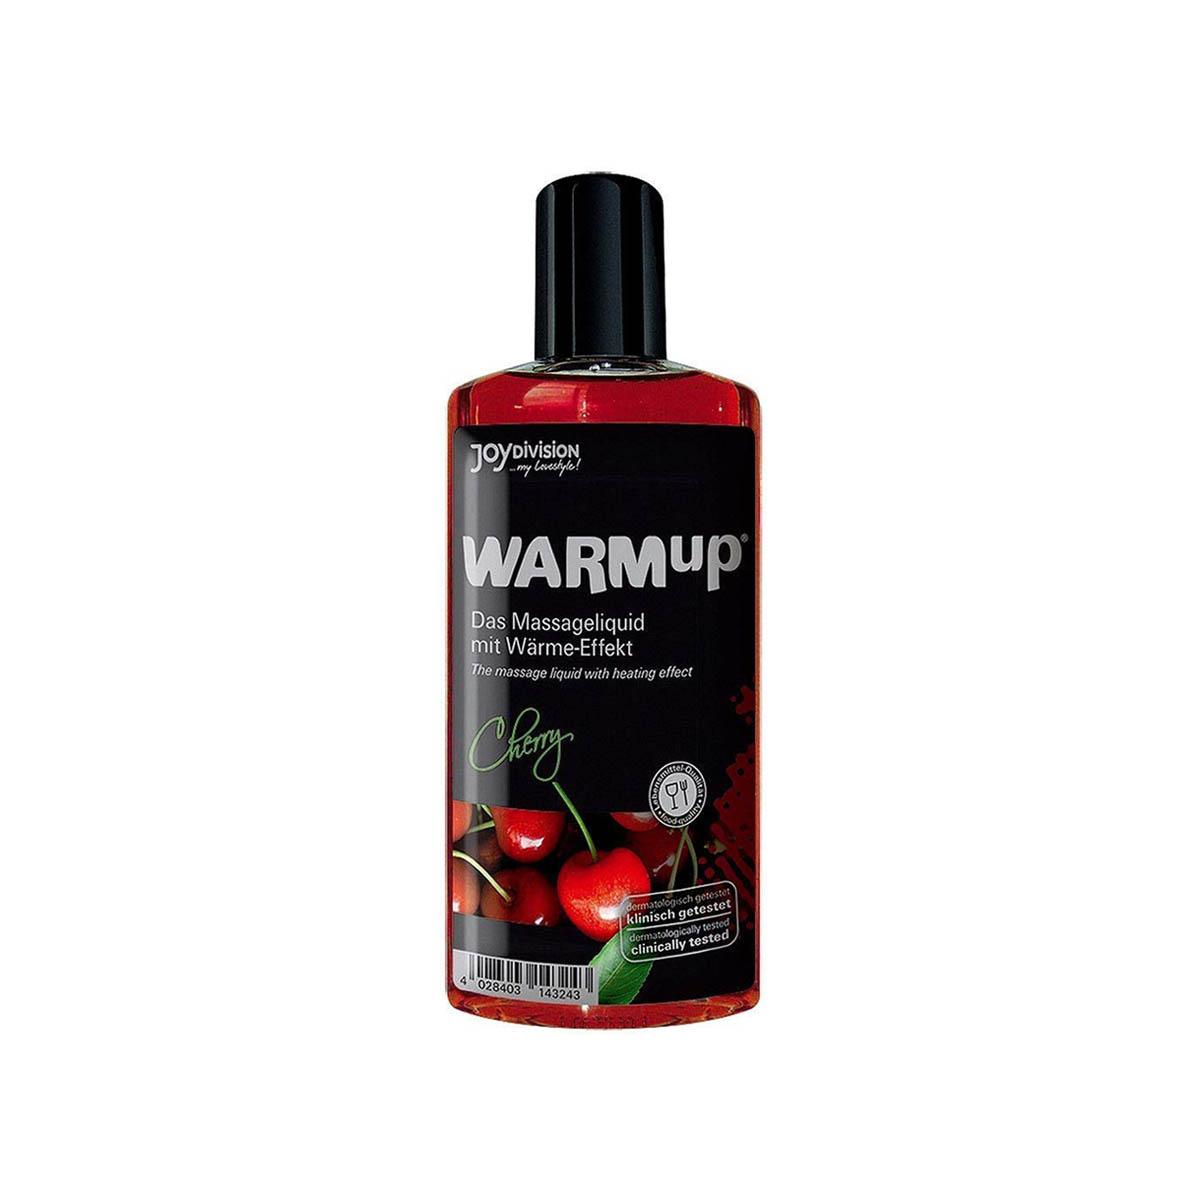 Joydivision-WARMup-Intimate-Massage-Liquid-150-ml-Cherry.jpg